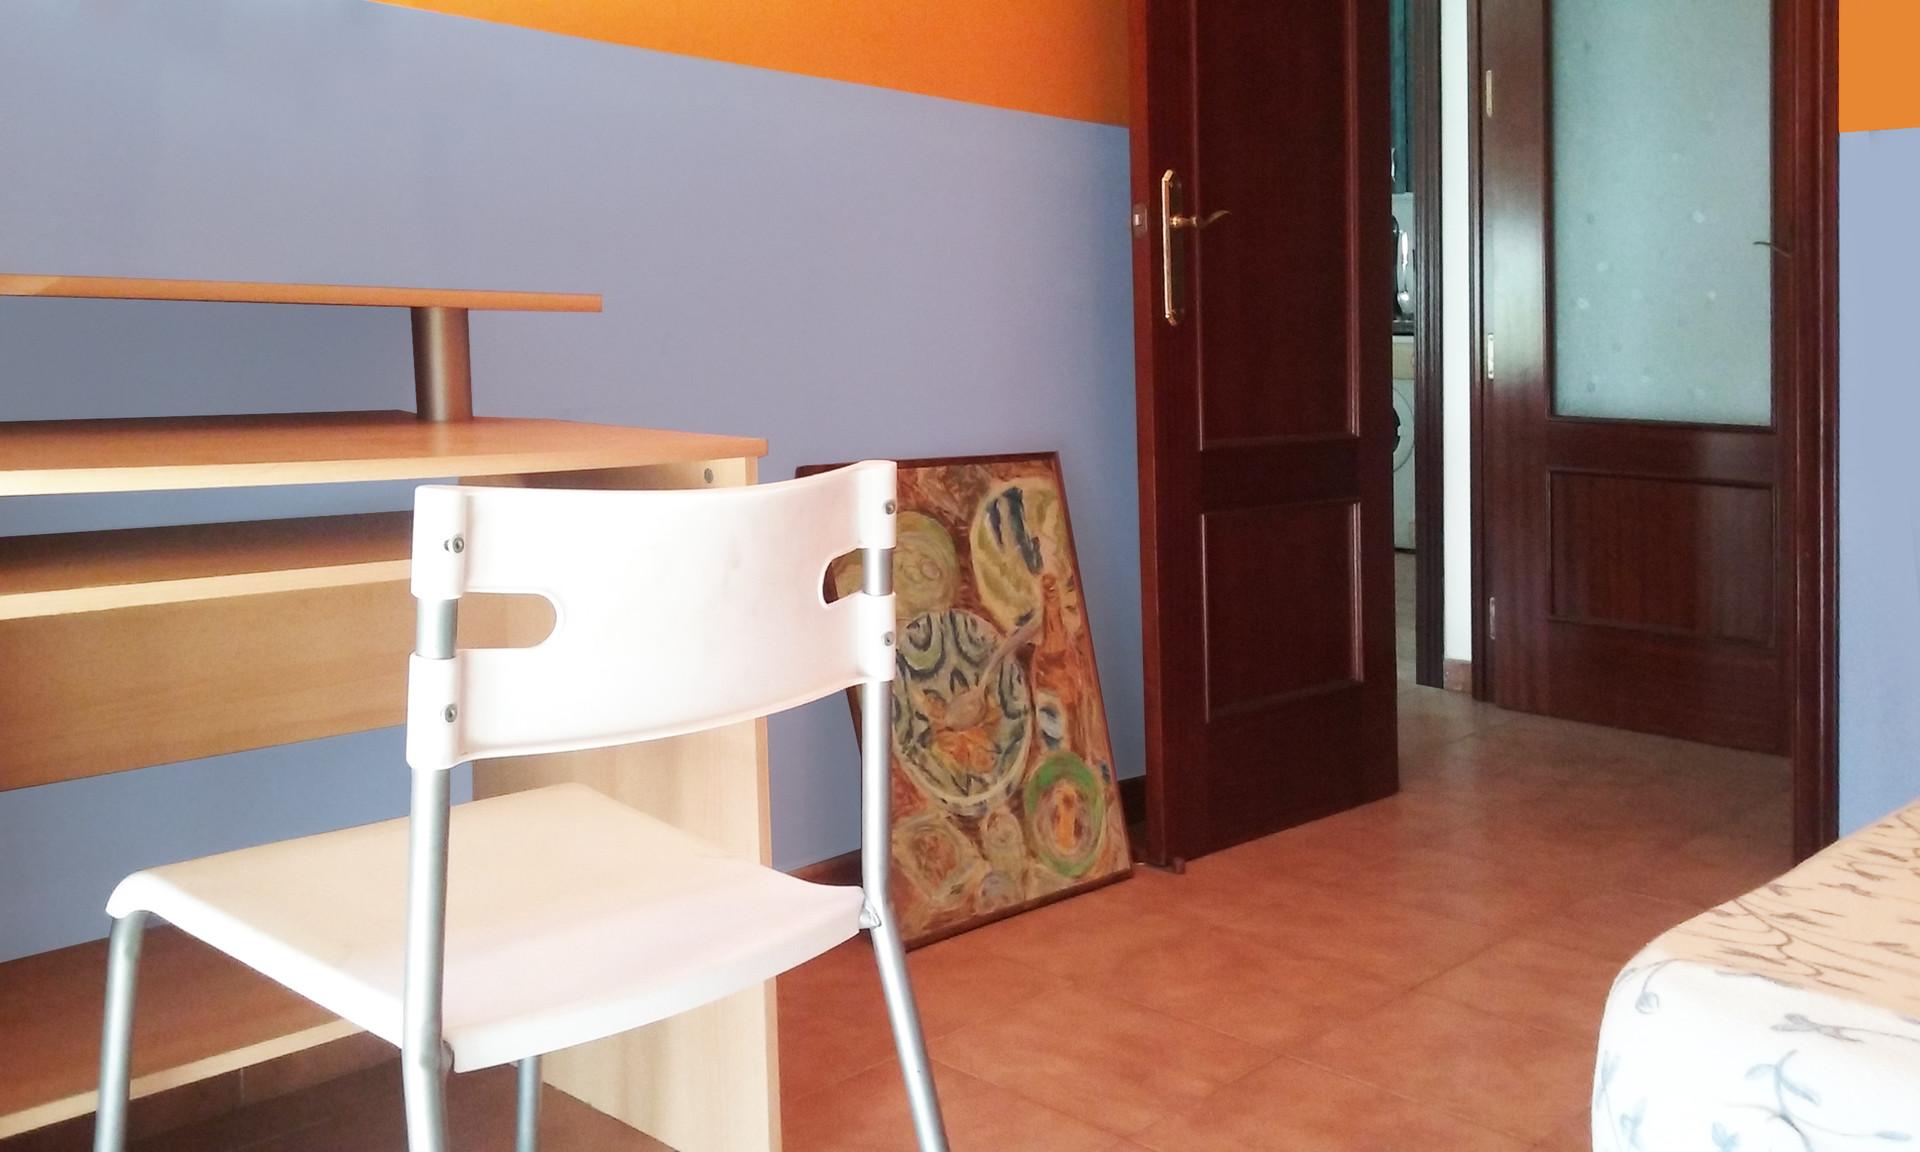 habitaci n en piso amueblado alquiler habitaciones sevilla On alquiler piso sevilla particular amueblado